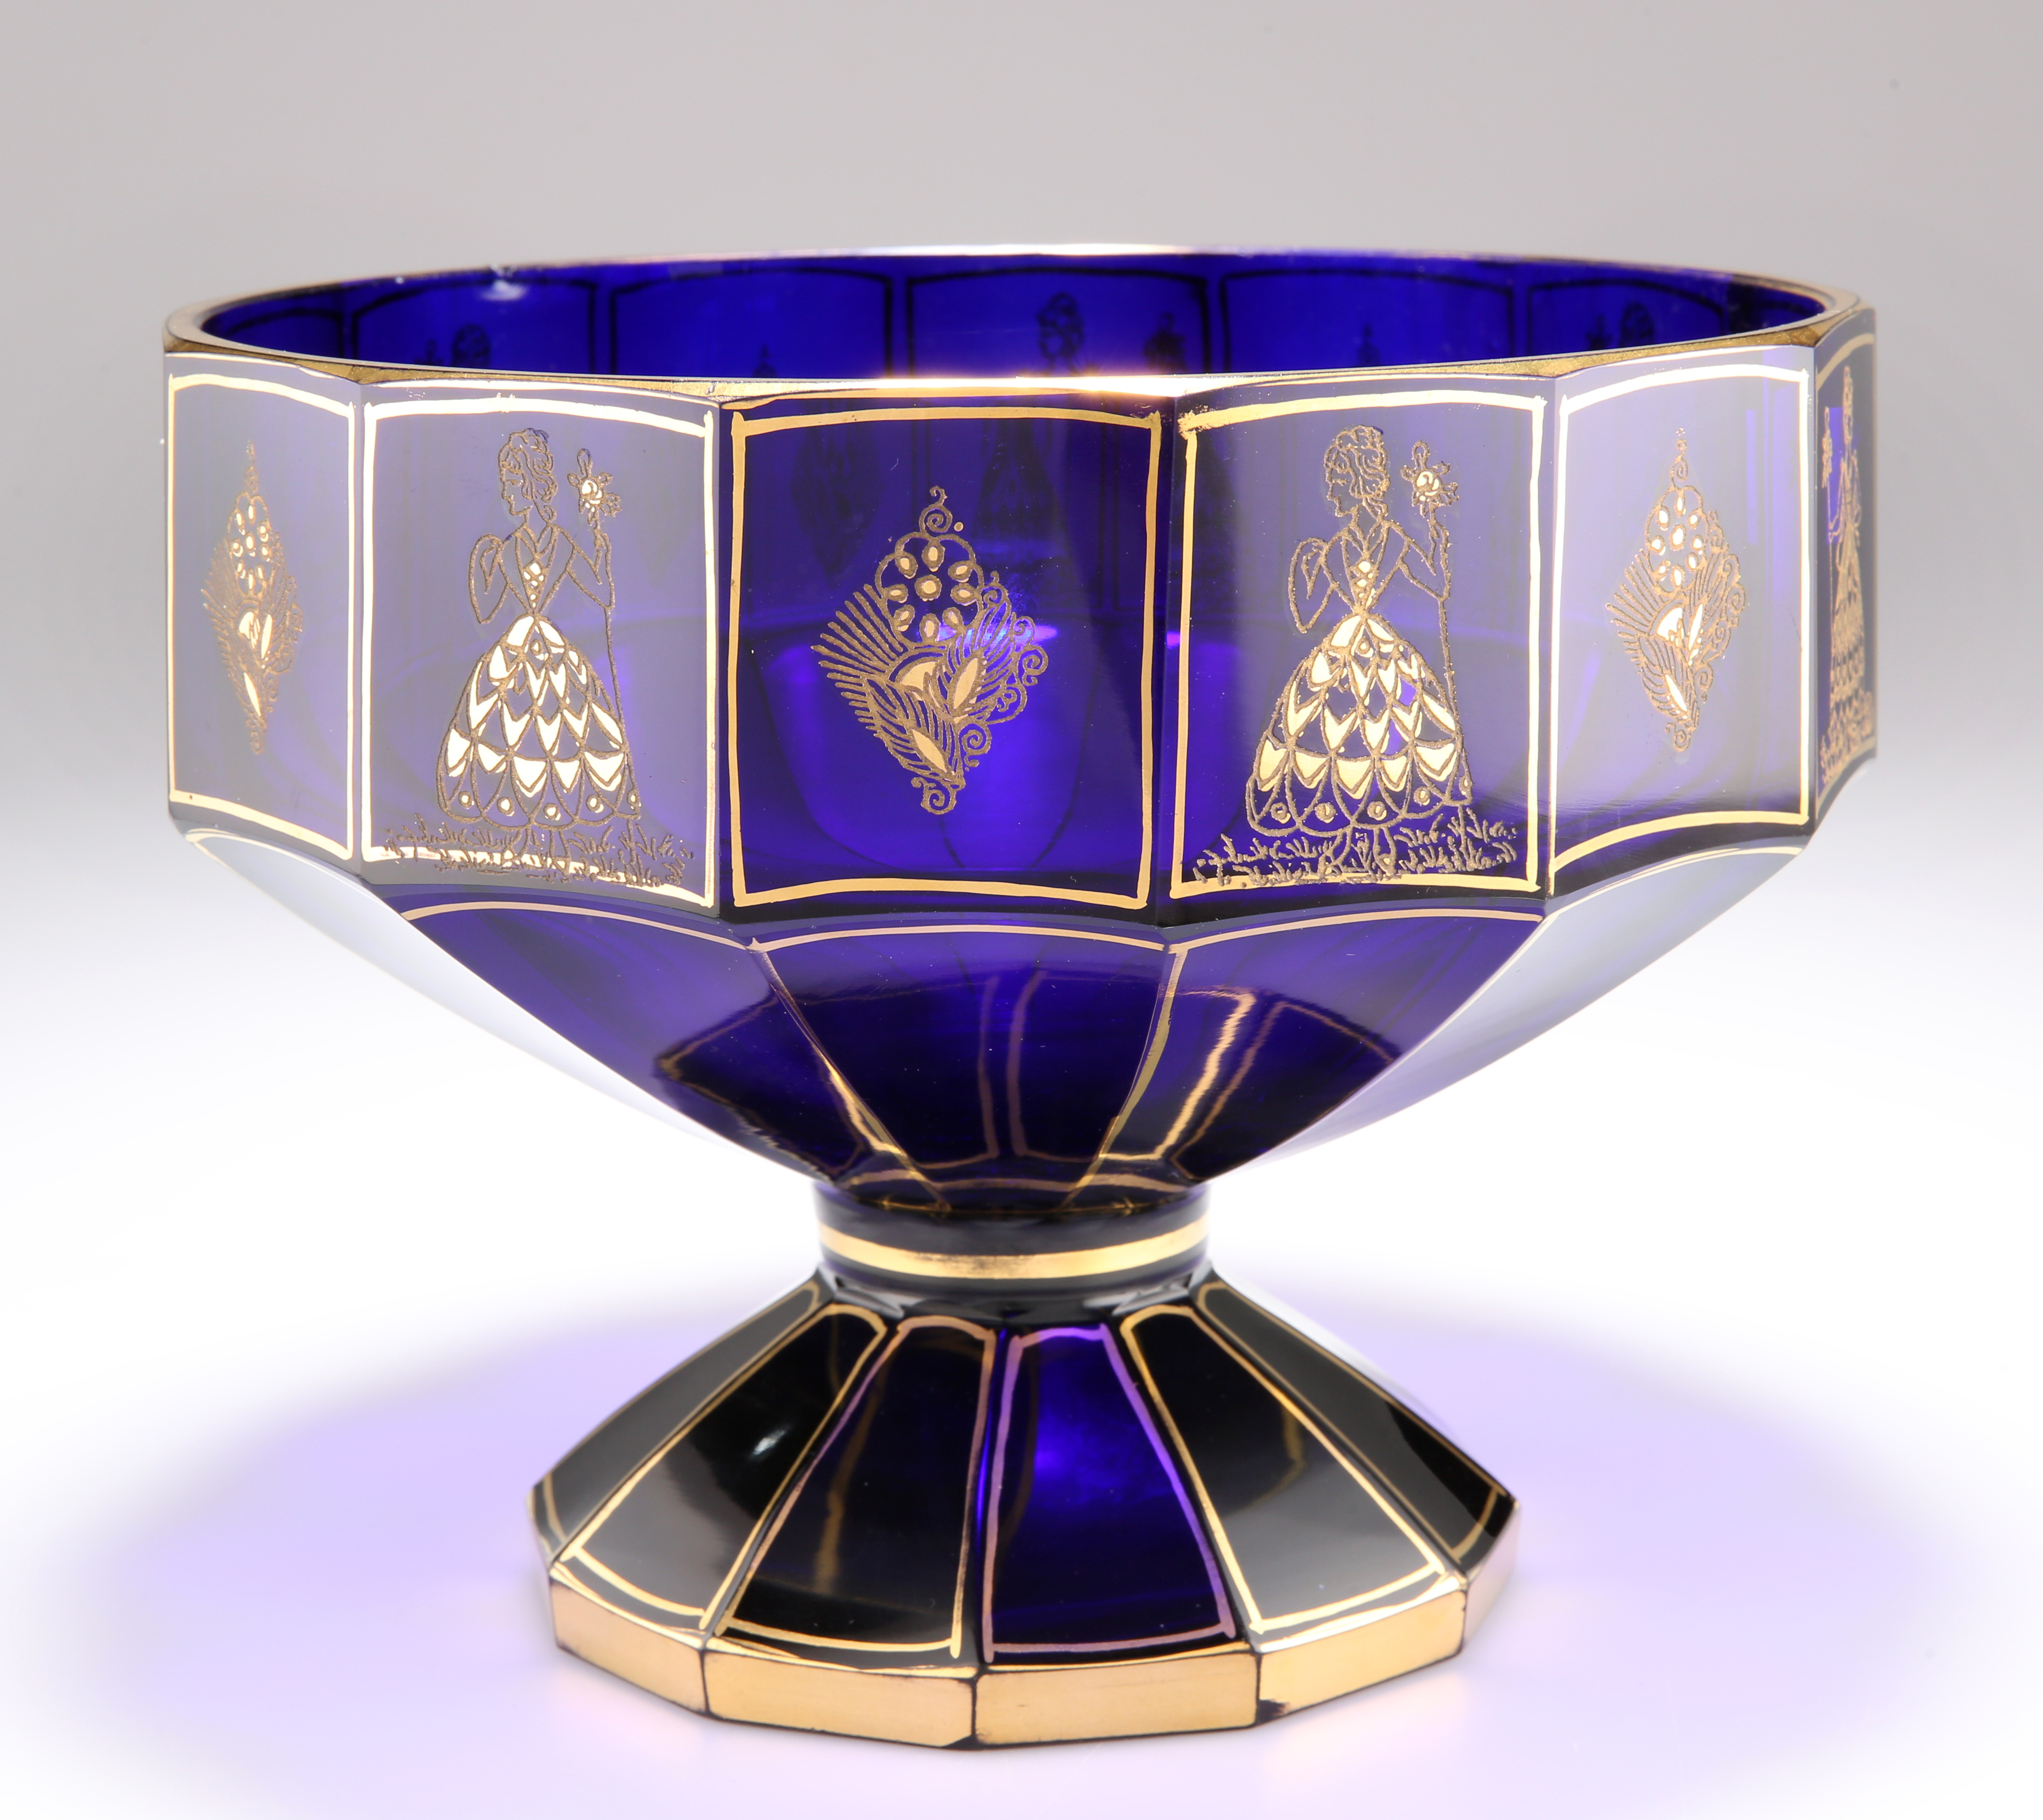 A BOHEMIAN BLUE AND GILT GLASS PEDESTAL BOWL, CIRCA 1875 - Image 2 of 2